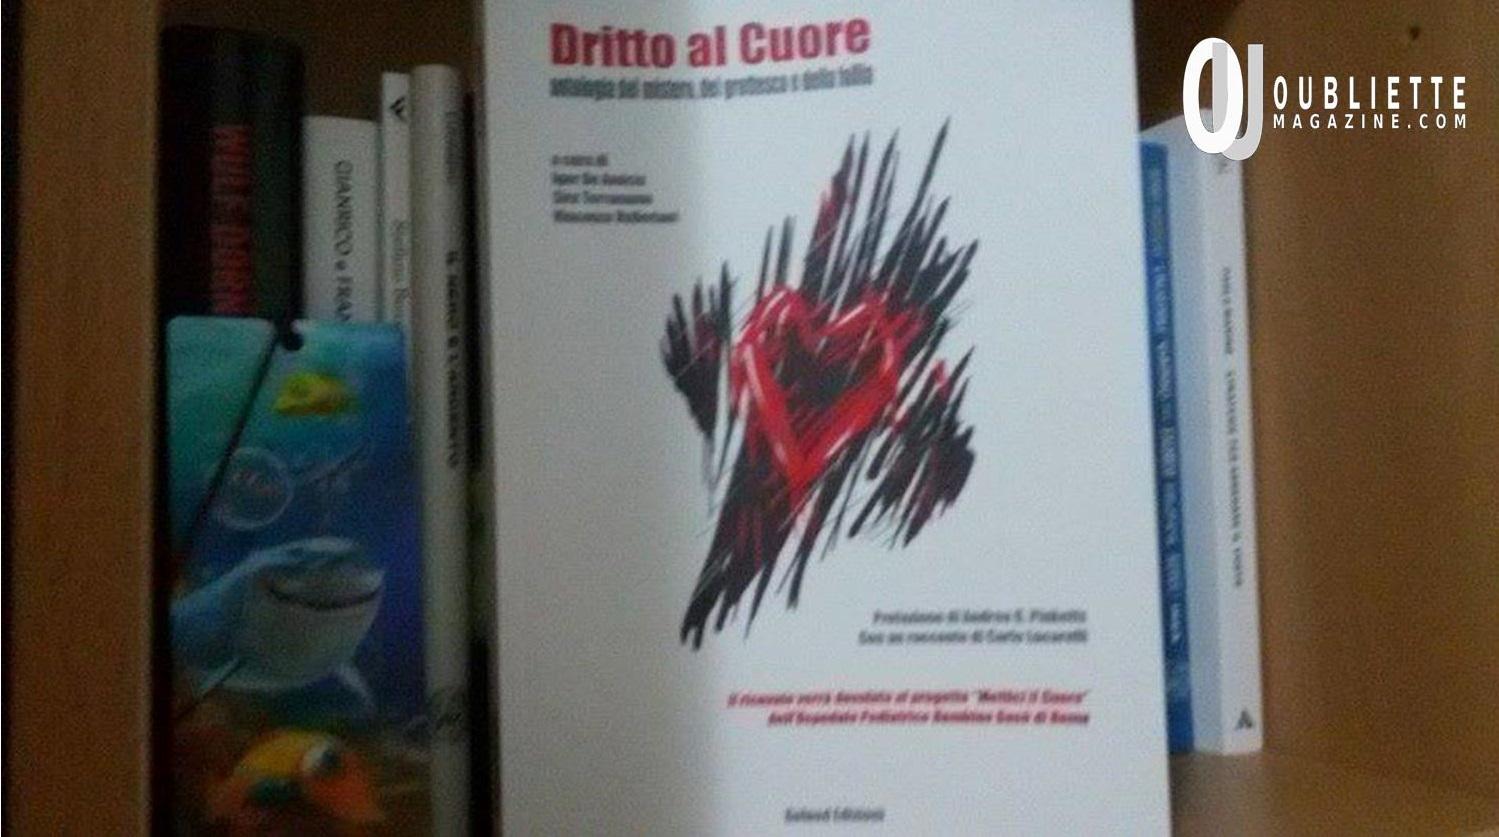 """""""Dritto al cuore"""": l'antologia benefica di qualità a favore del reparto pediatrico Bambino Gesù di Roma"""